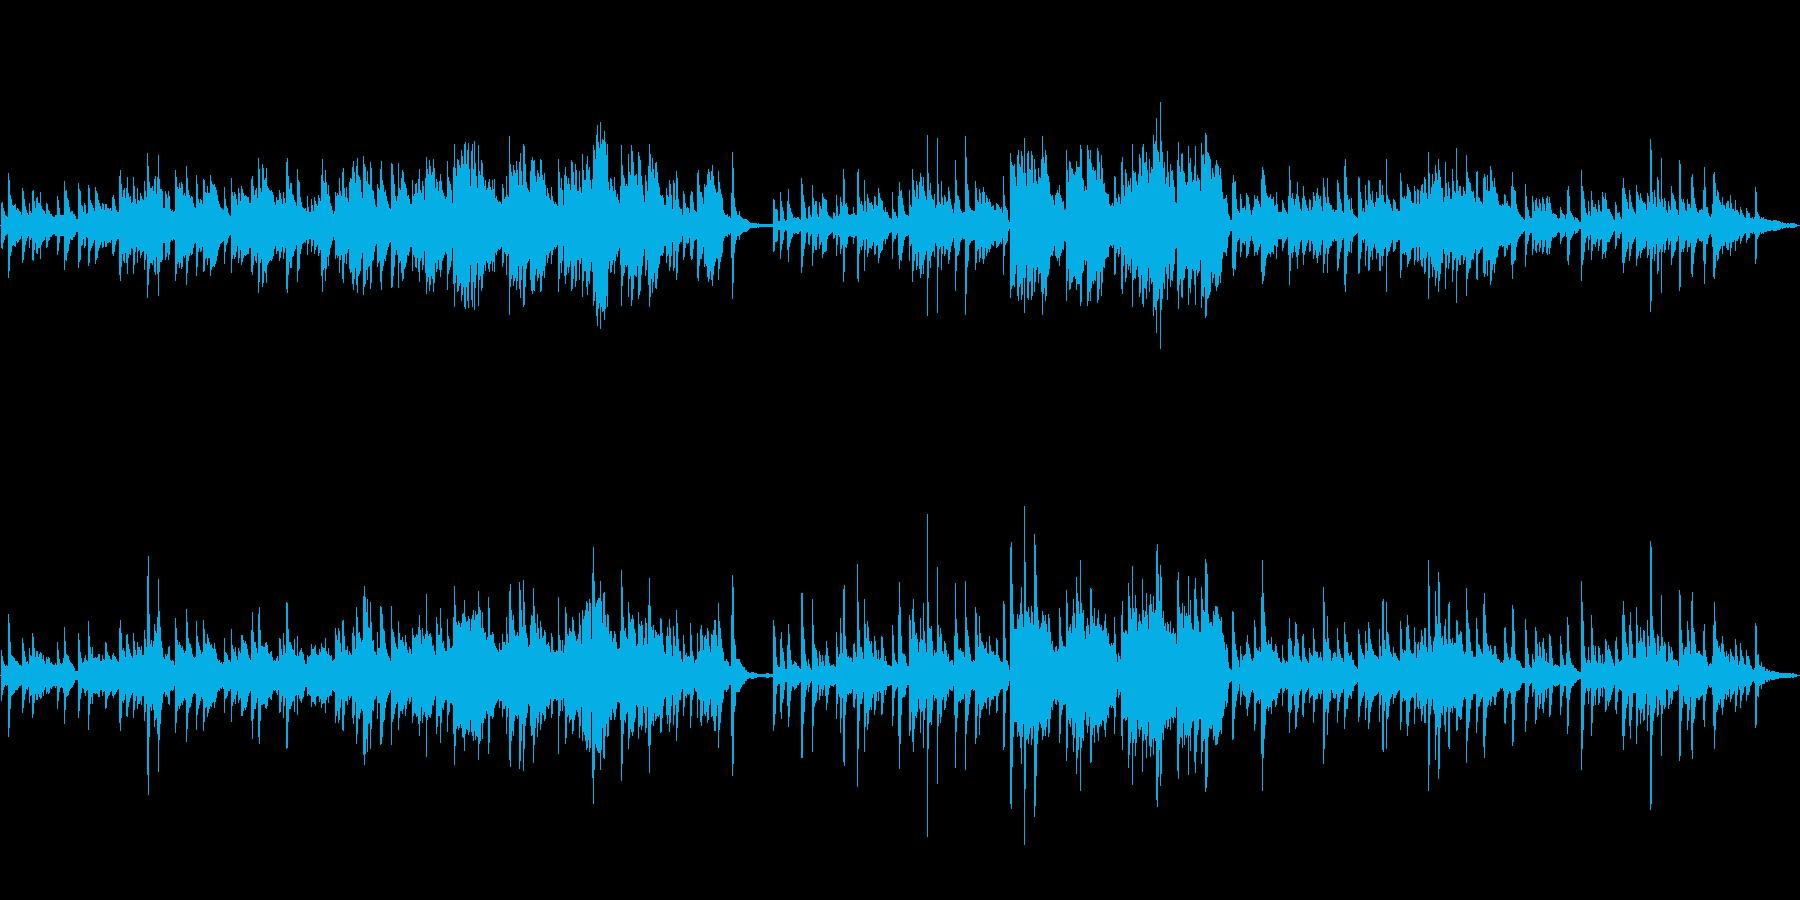 切ないメロディーが印象的なピアノの楽曲の再生済みの波形